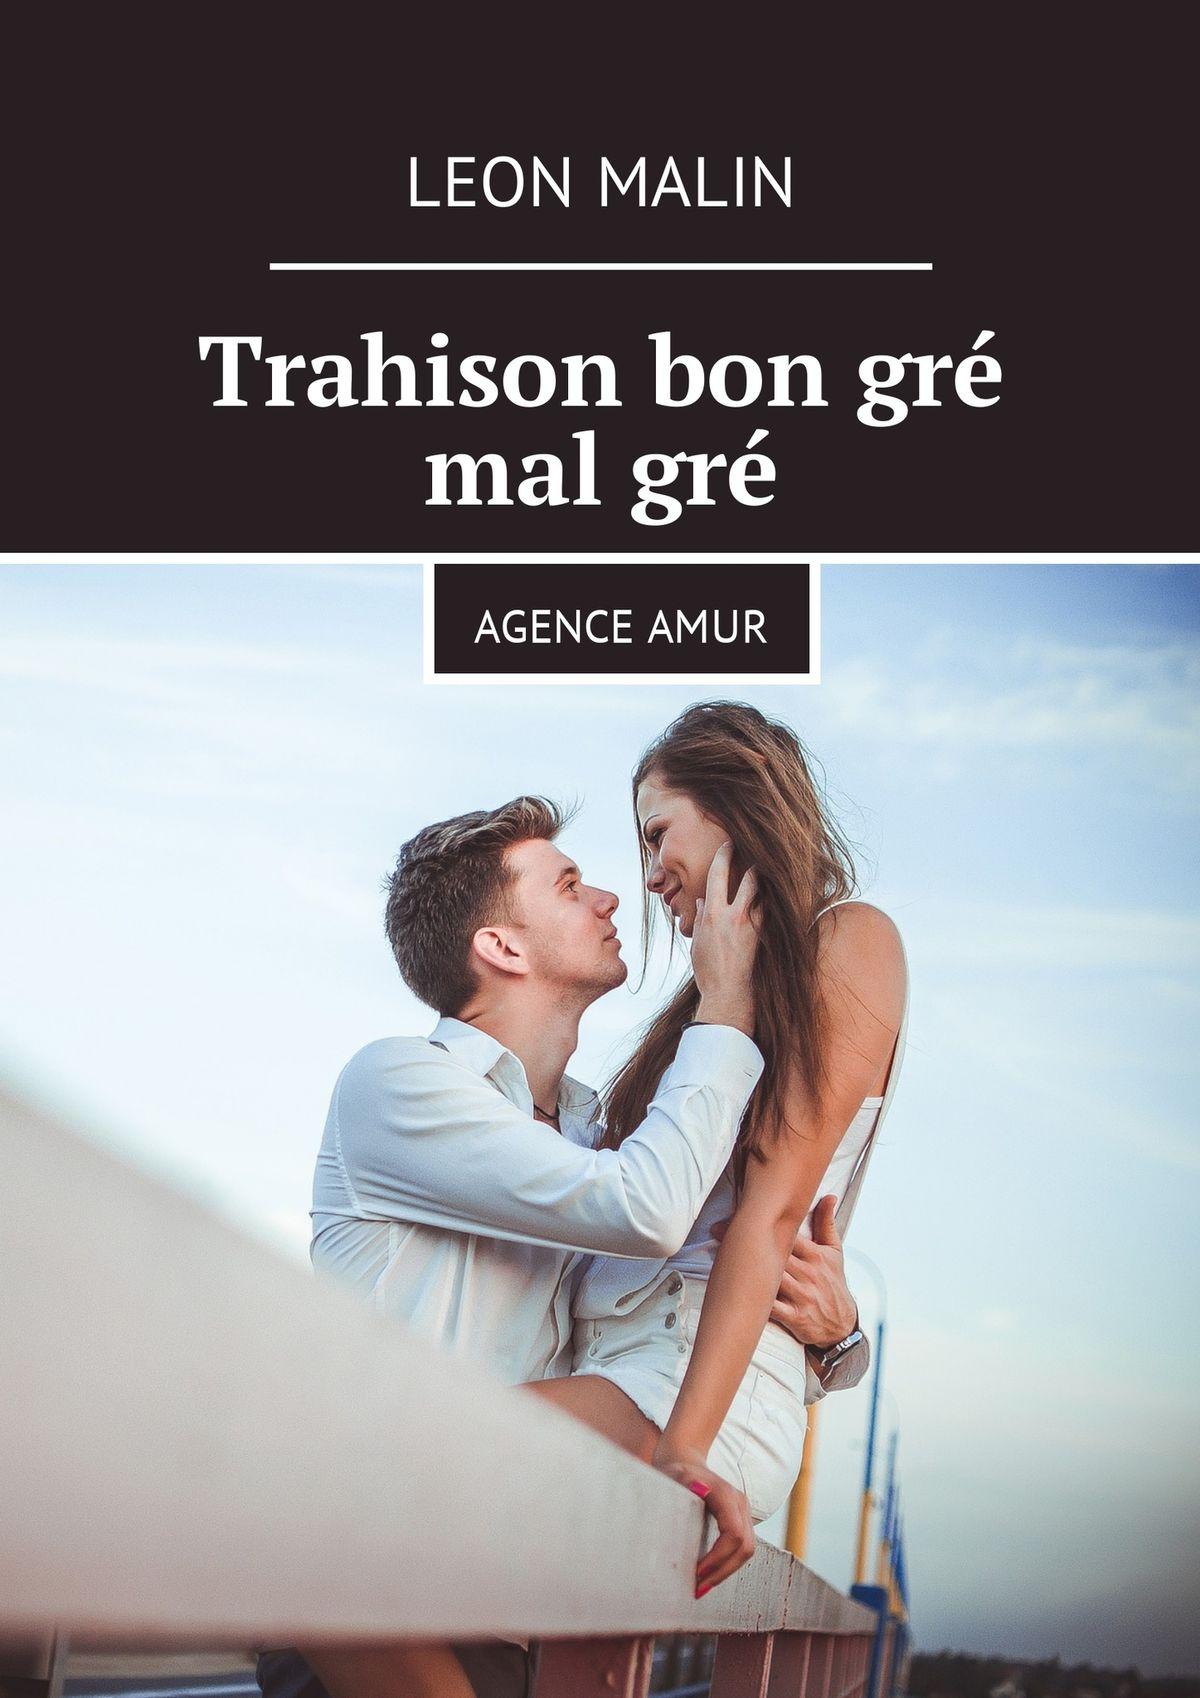 Leon Malin Trahison bon gré malgré. AgenceAmur le francais et son orthographe